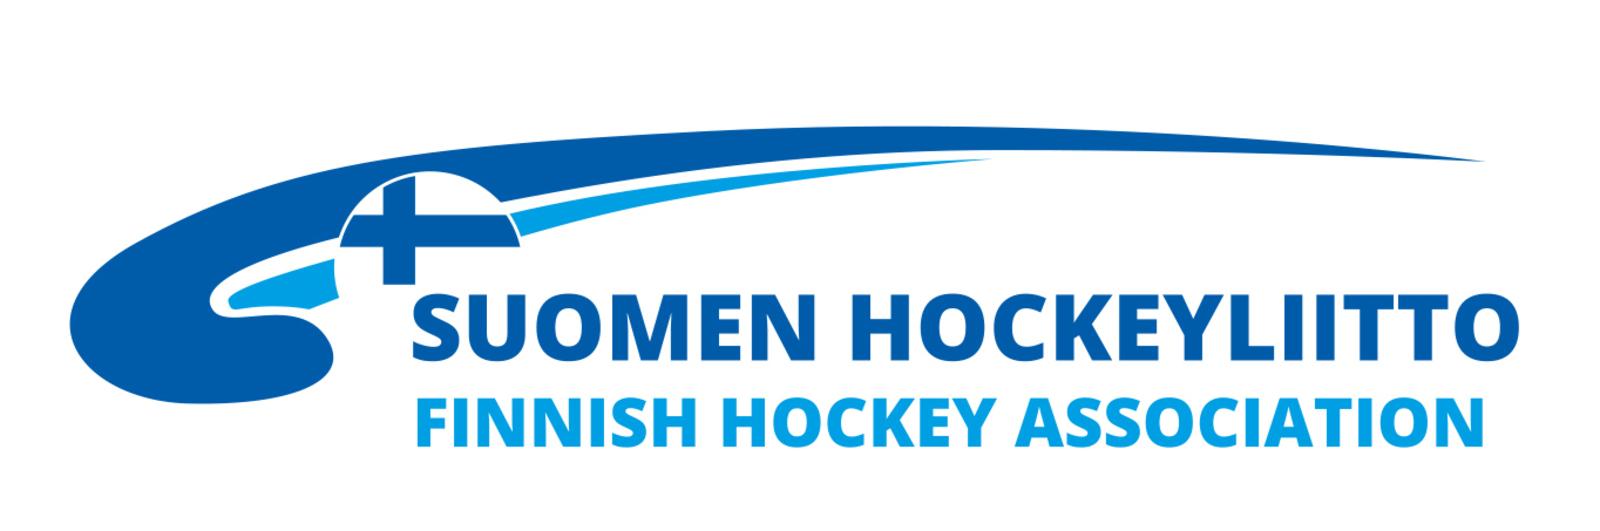 Suomen Hockeyliitto